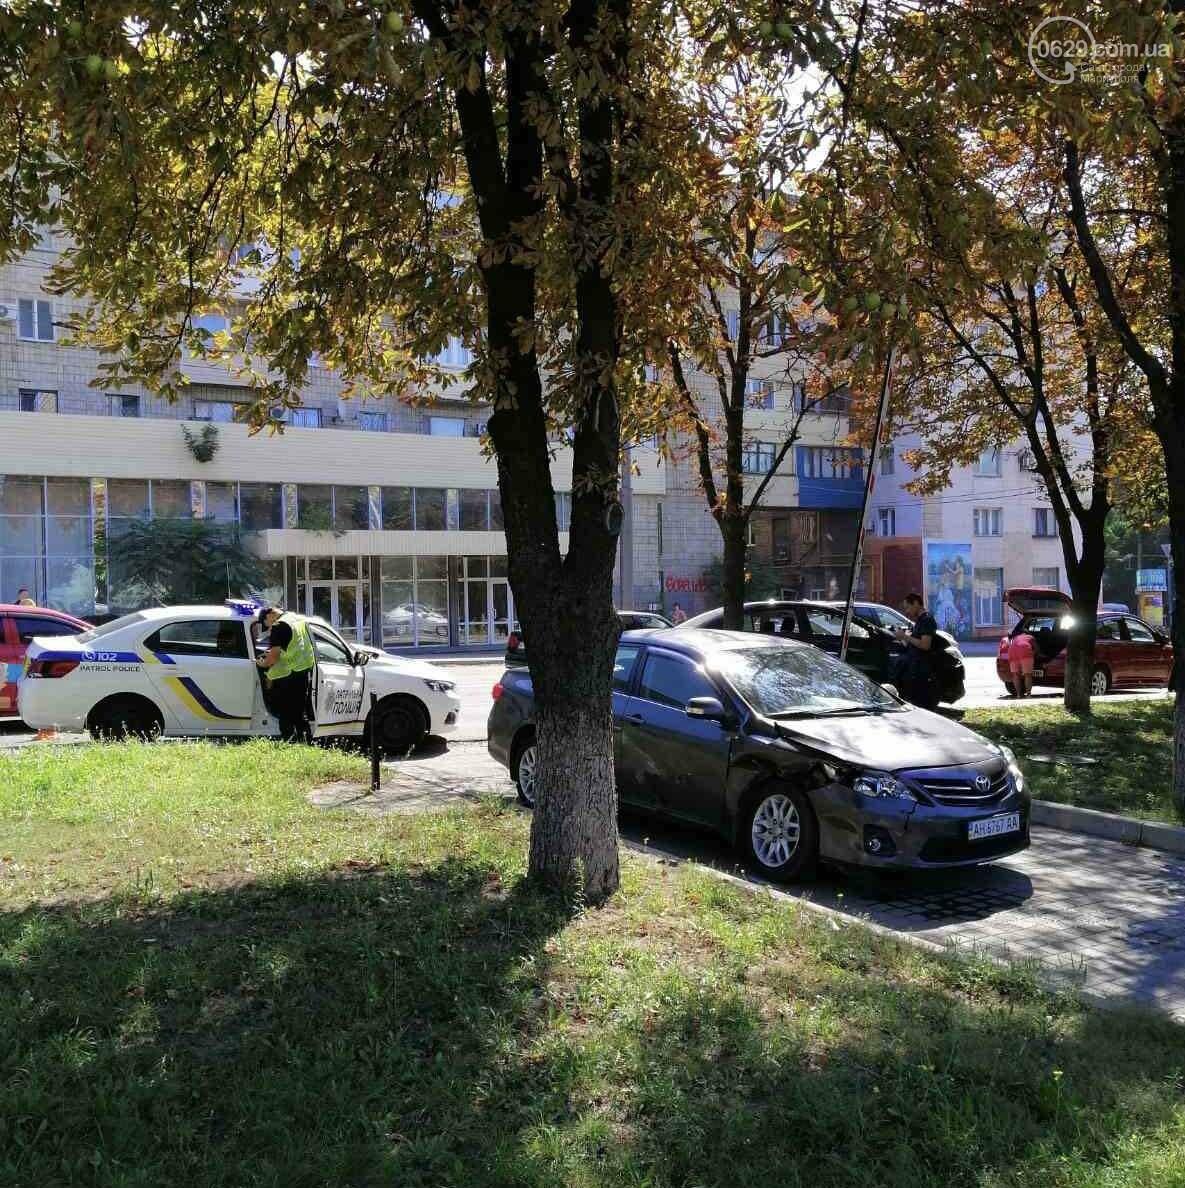 В центре Мариуполя столкнулись два автомобиля. Есть пострадавшие, - ФОТО, ВИДЕО, фото-3